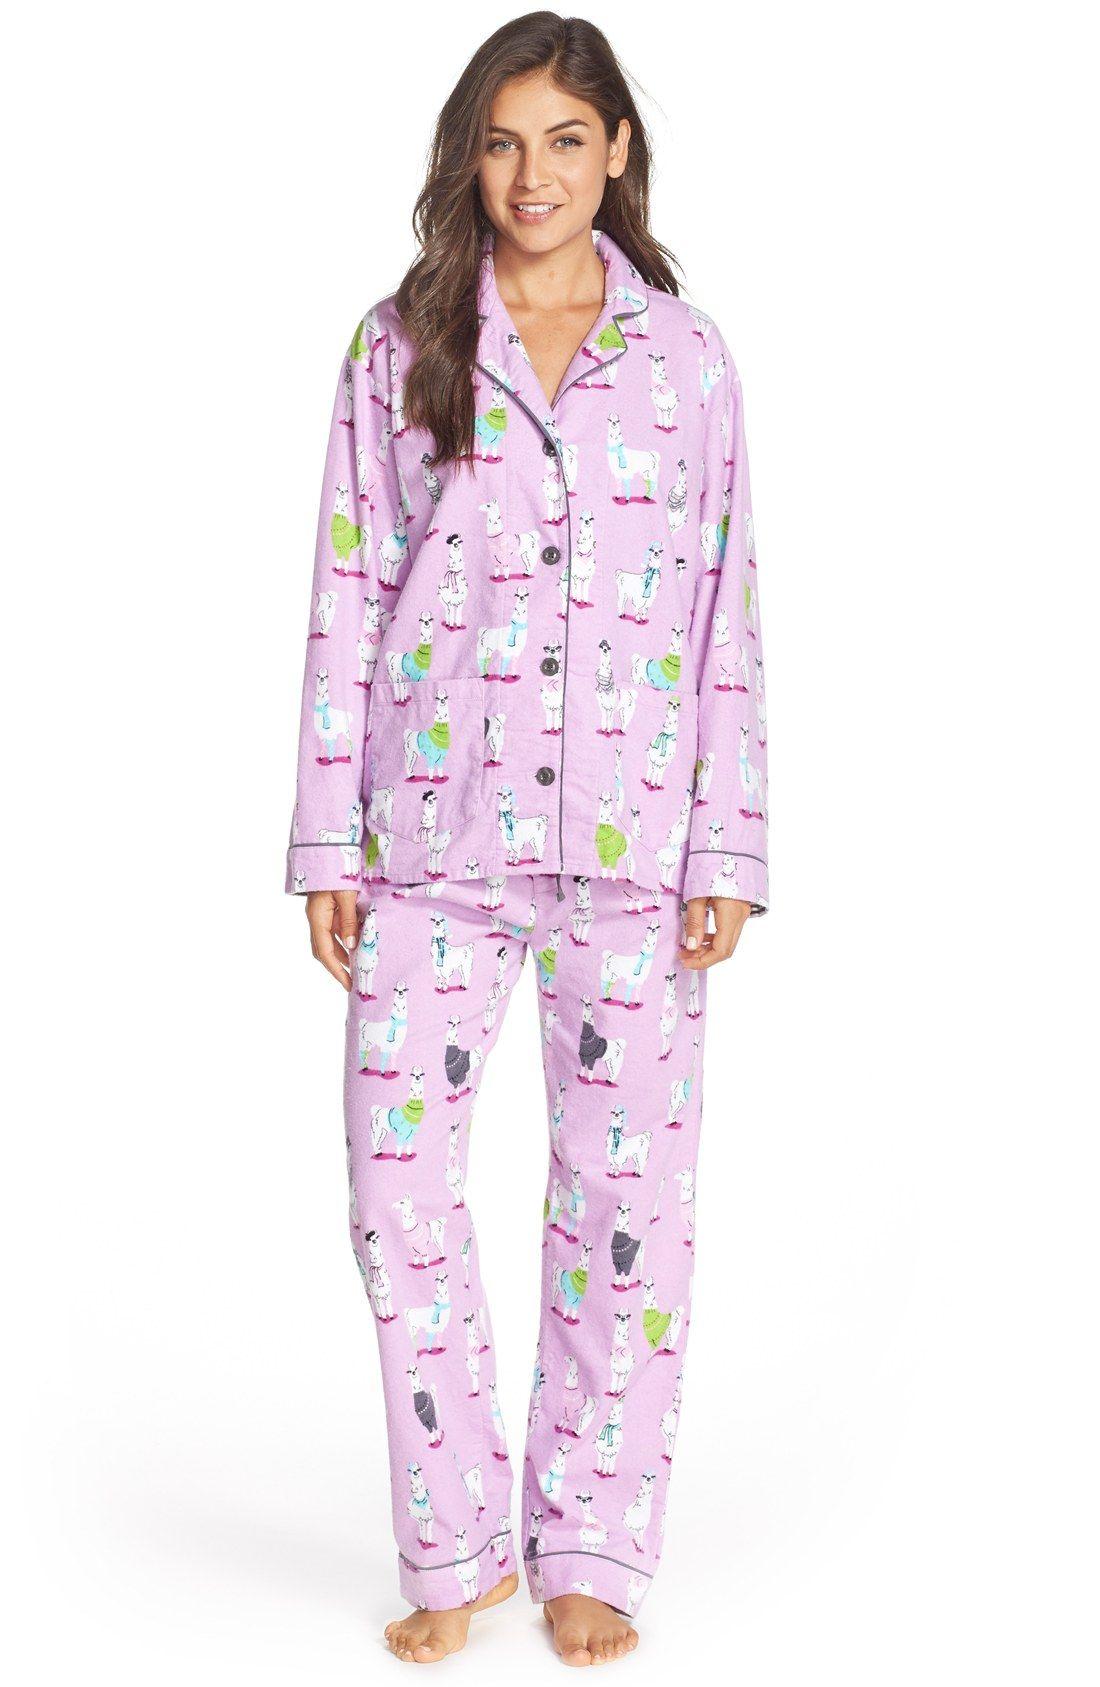 Women's PJ Salvage Print Flannel Pajamas | Flannels, Pajamas and ...